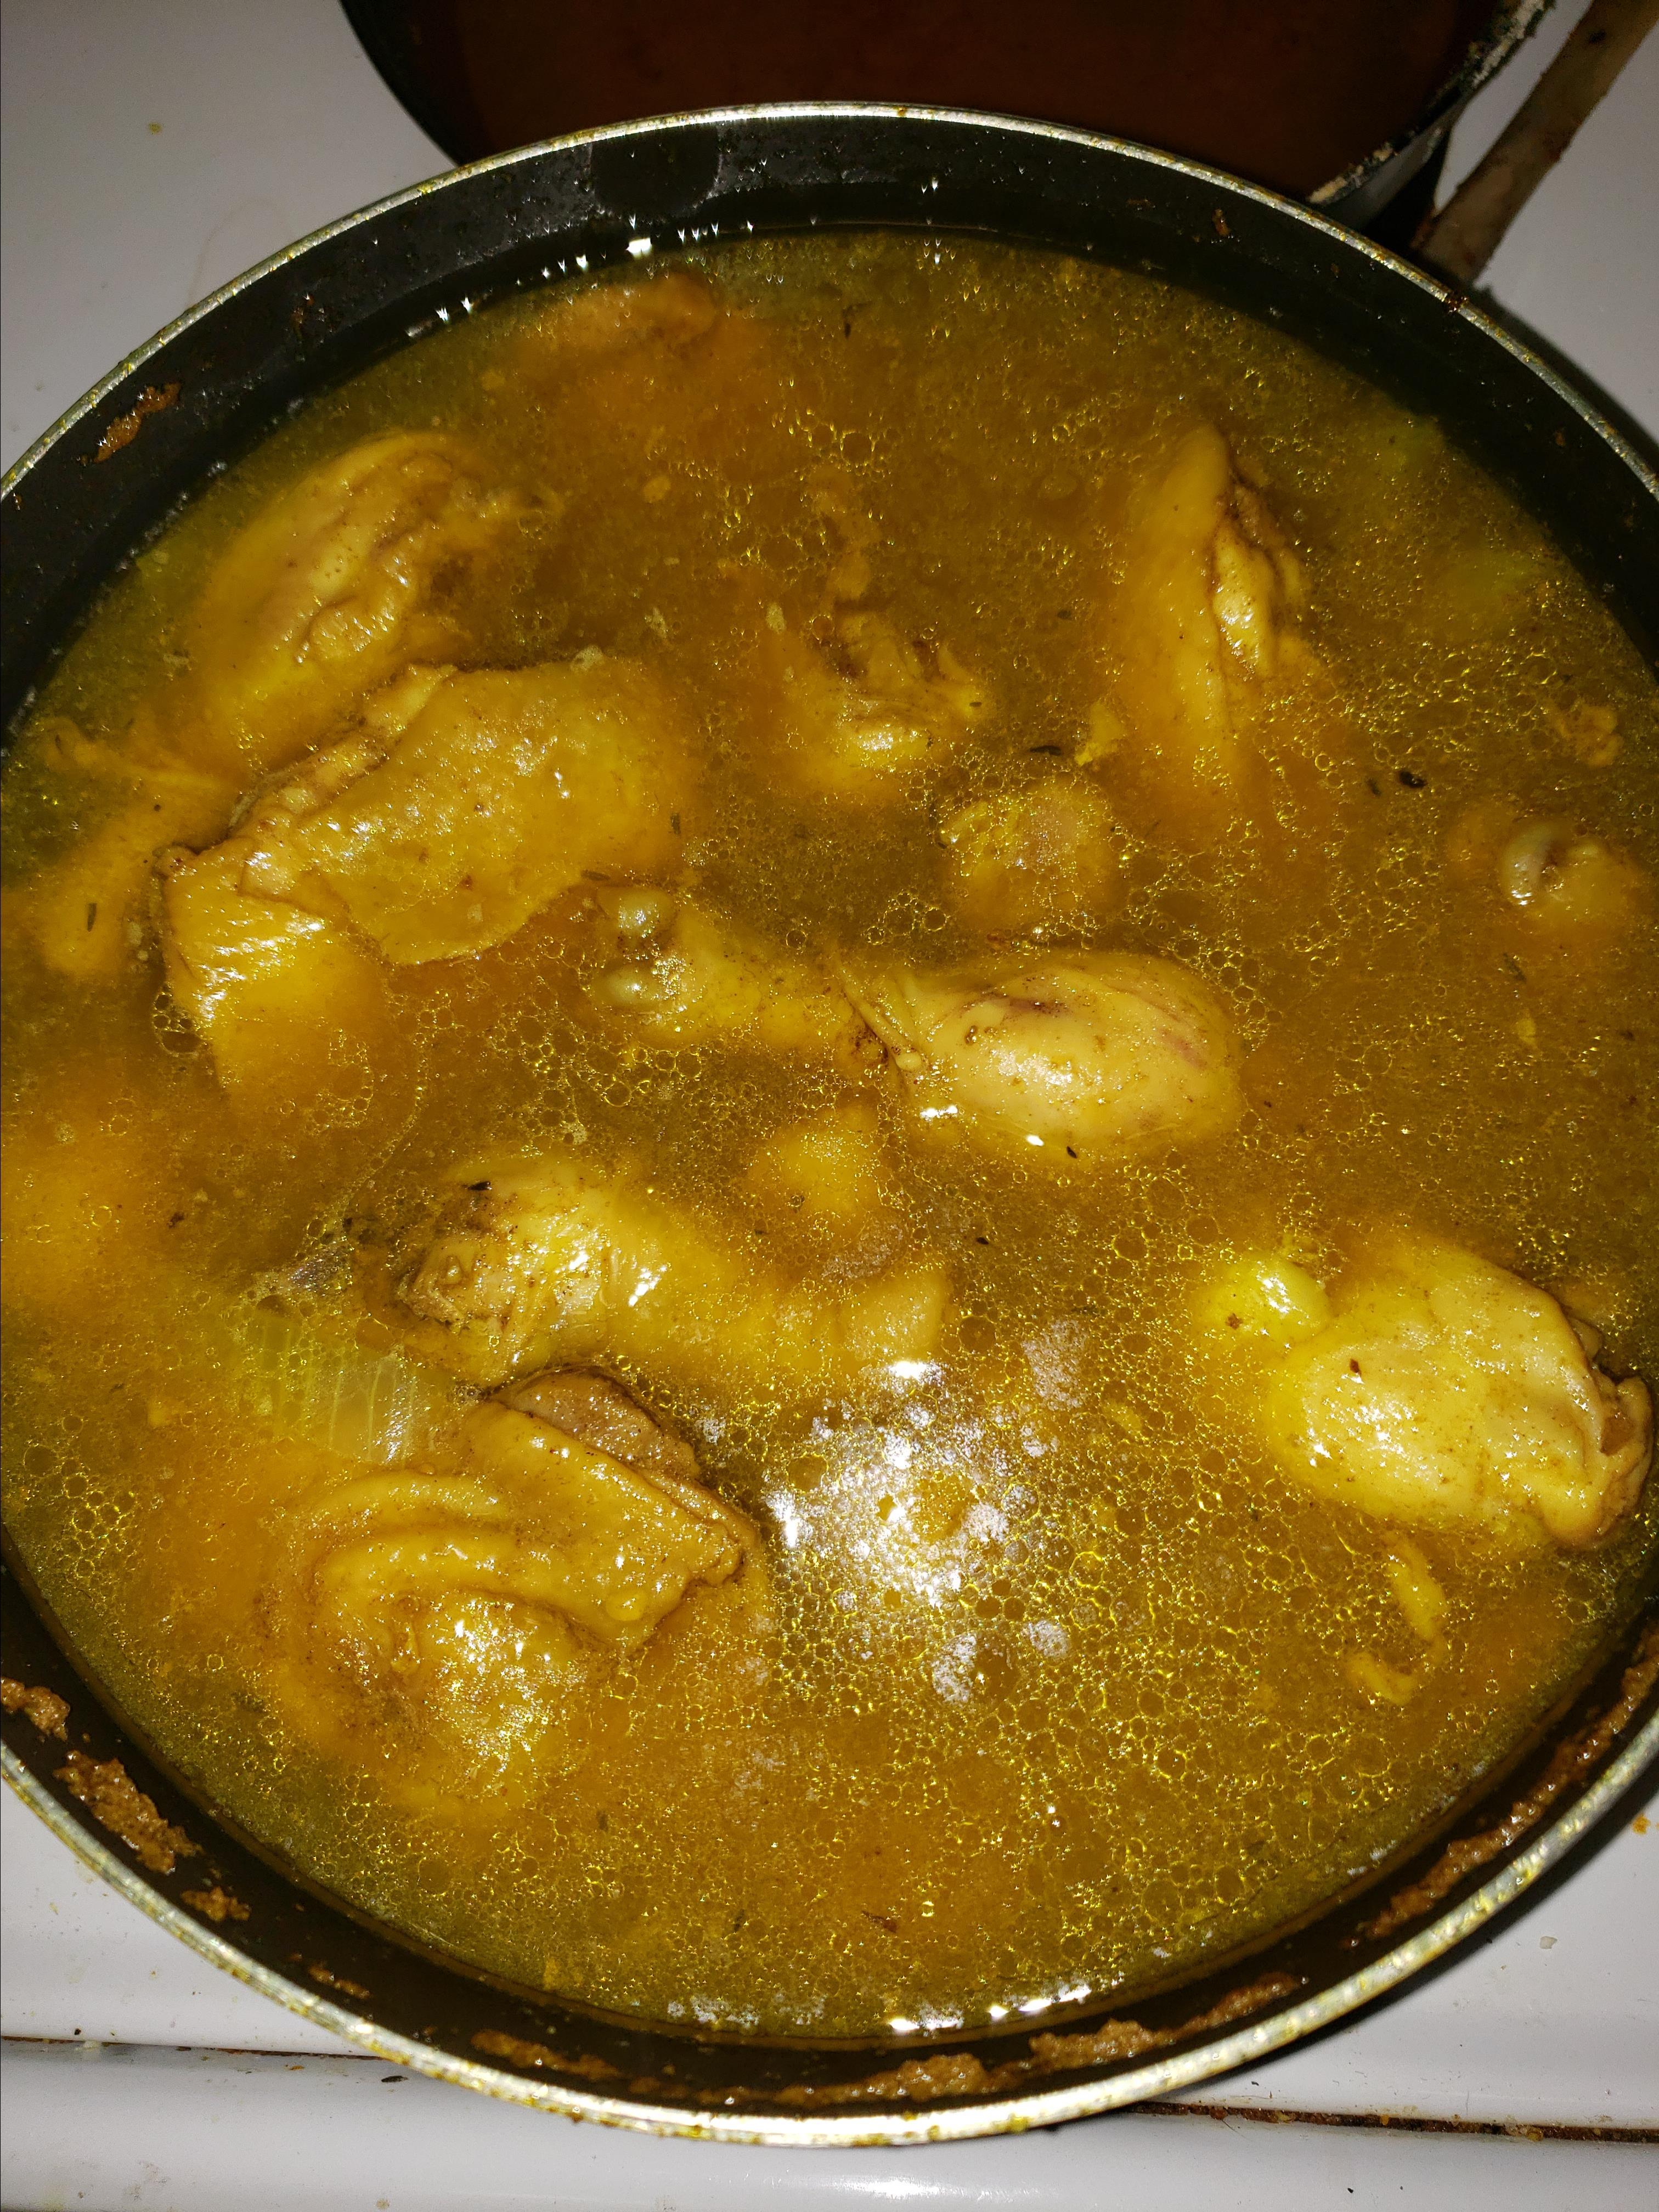 West Indian Curried Chicken purplekd